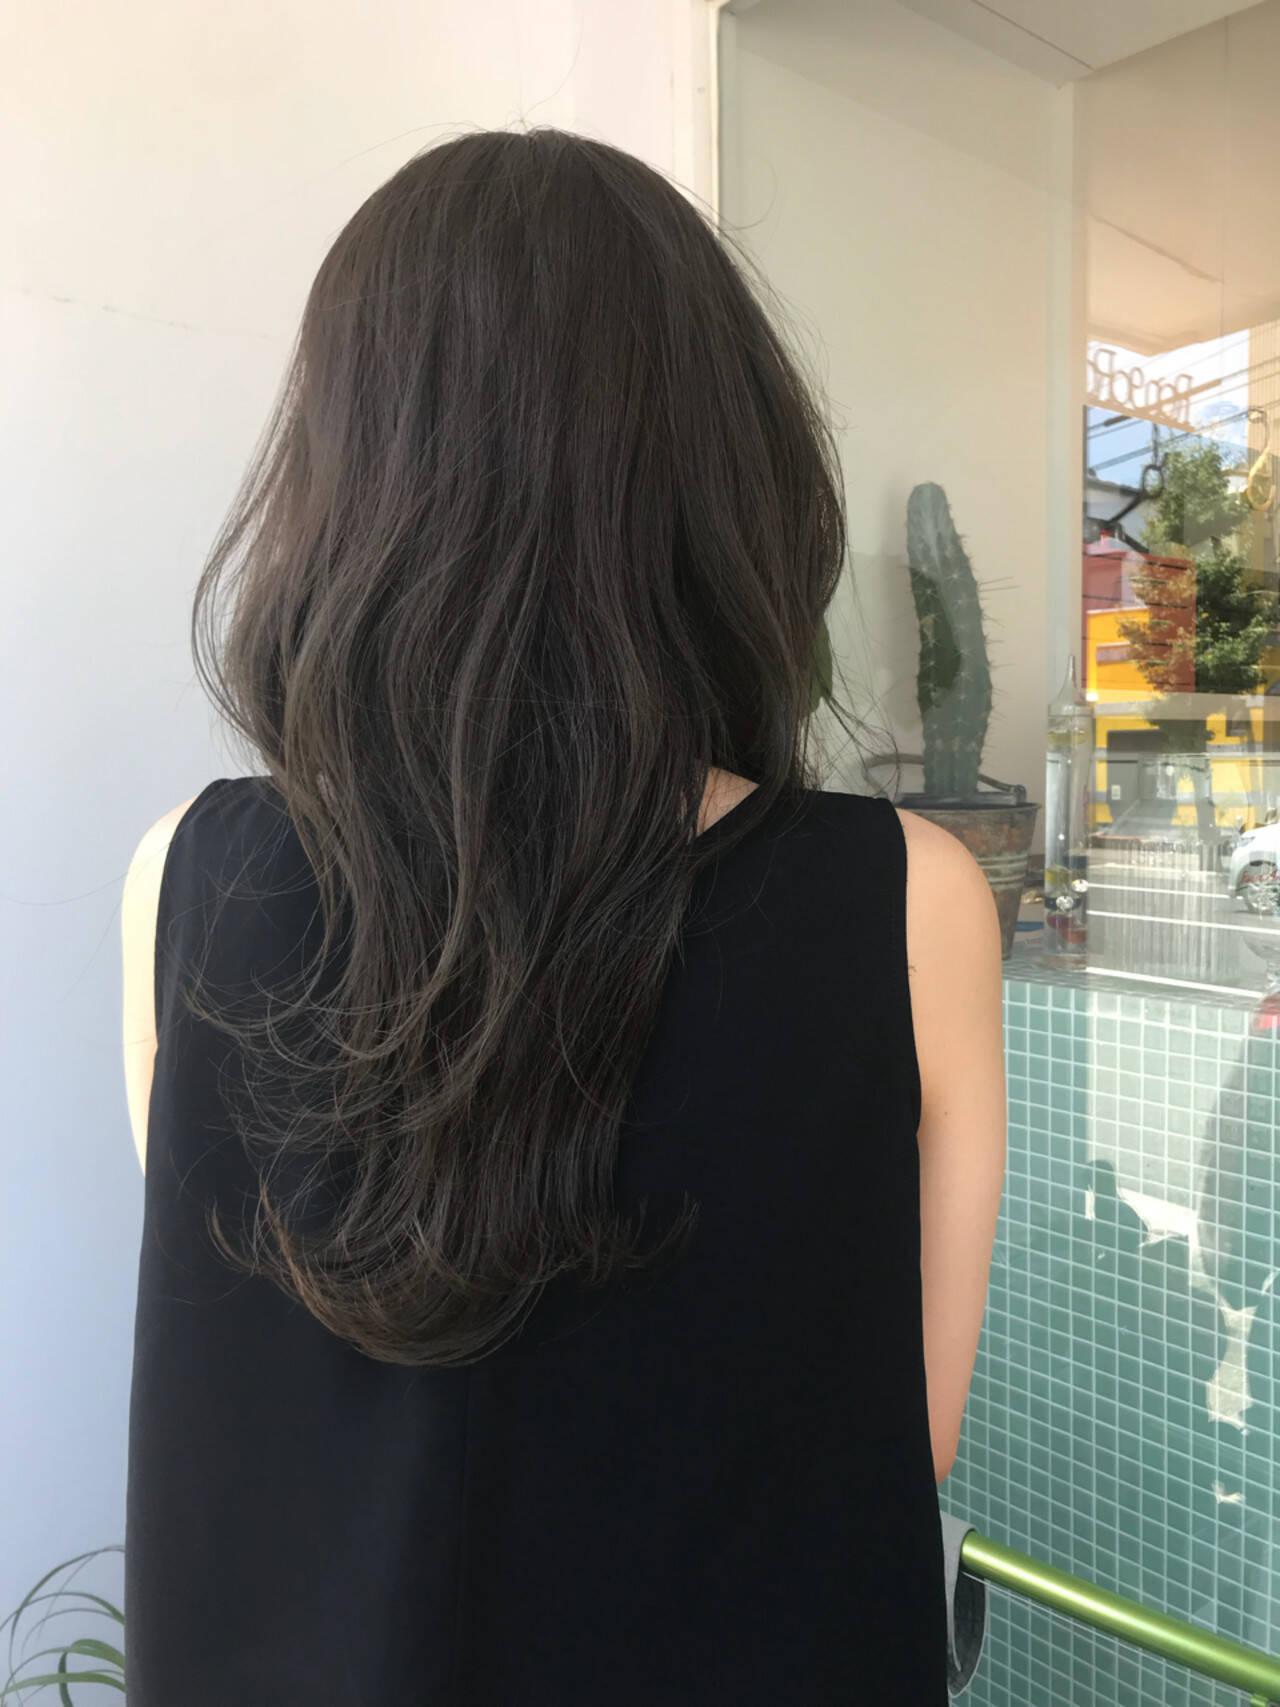 オフィス セミロング ブルーアッシュ イルミナカラーヘアスタイルや髪型の写真・画像